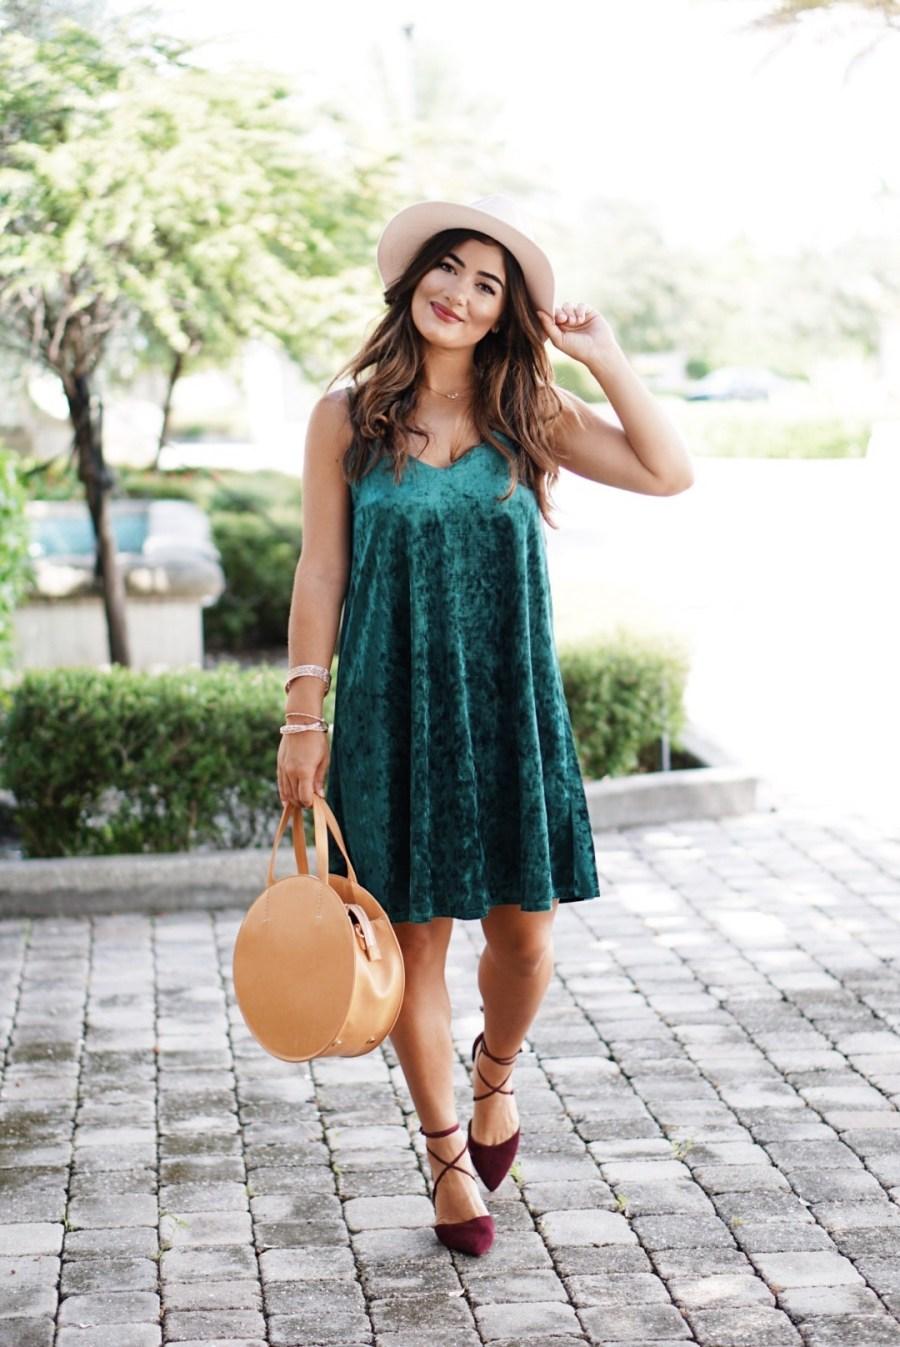 Velvet Dress for Fall